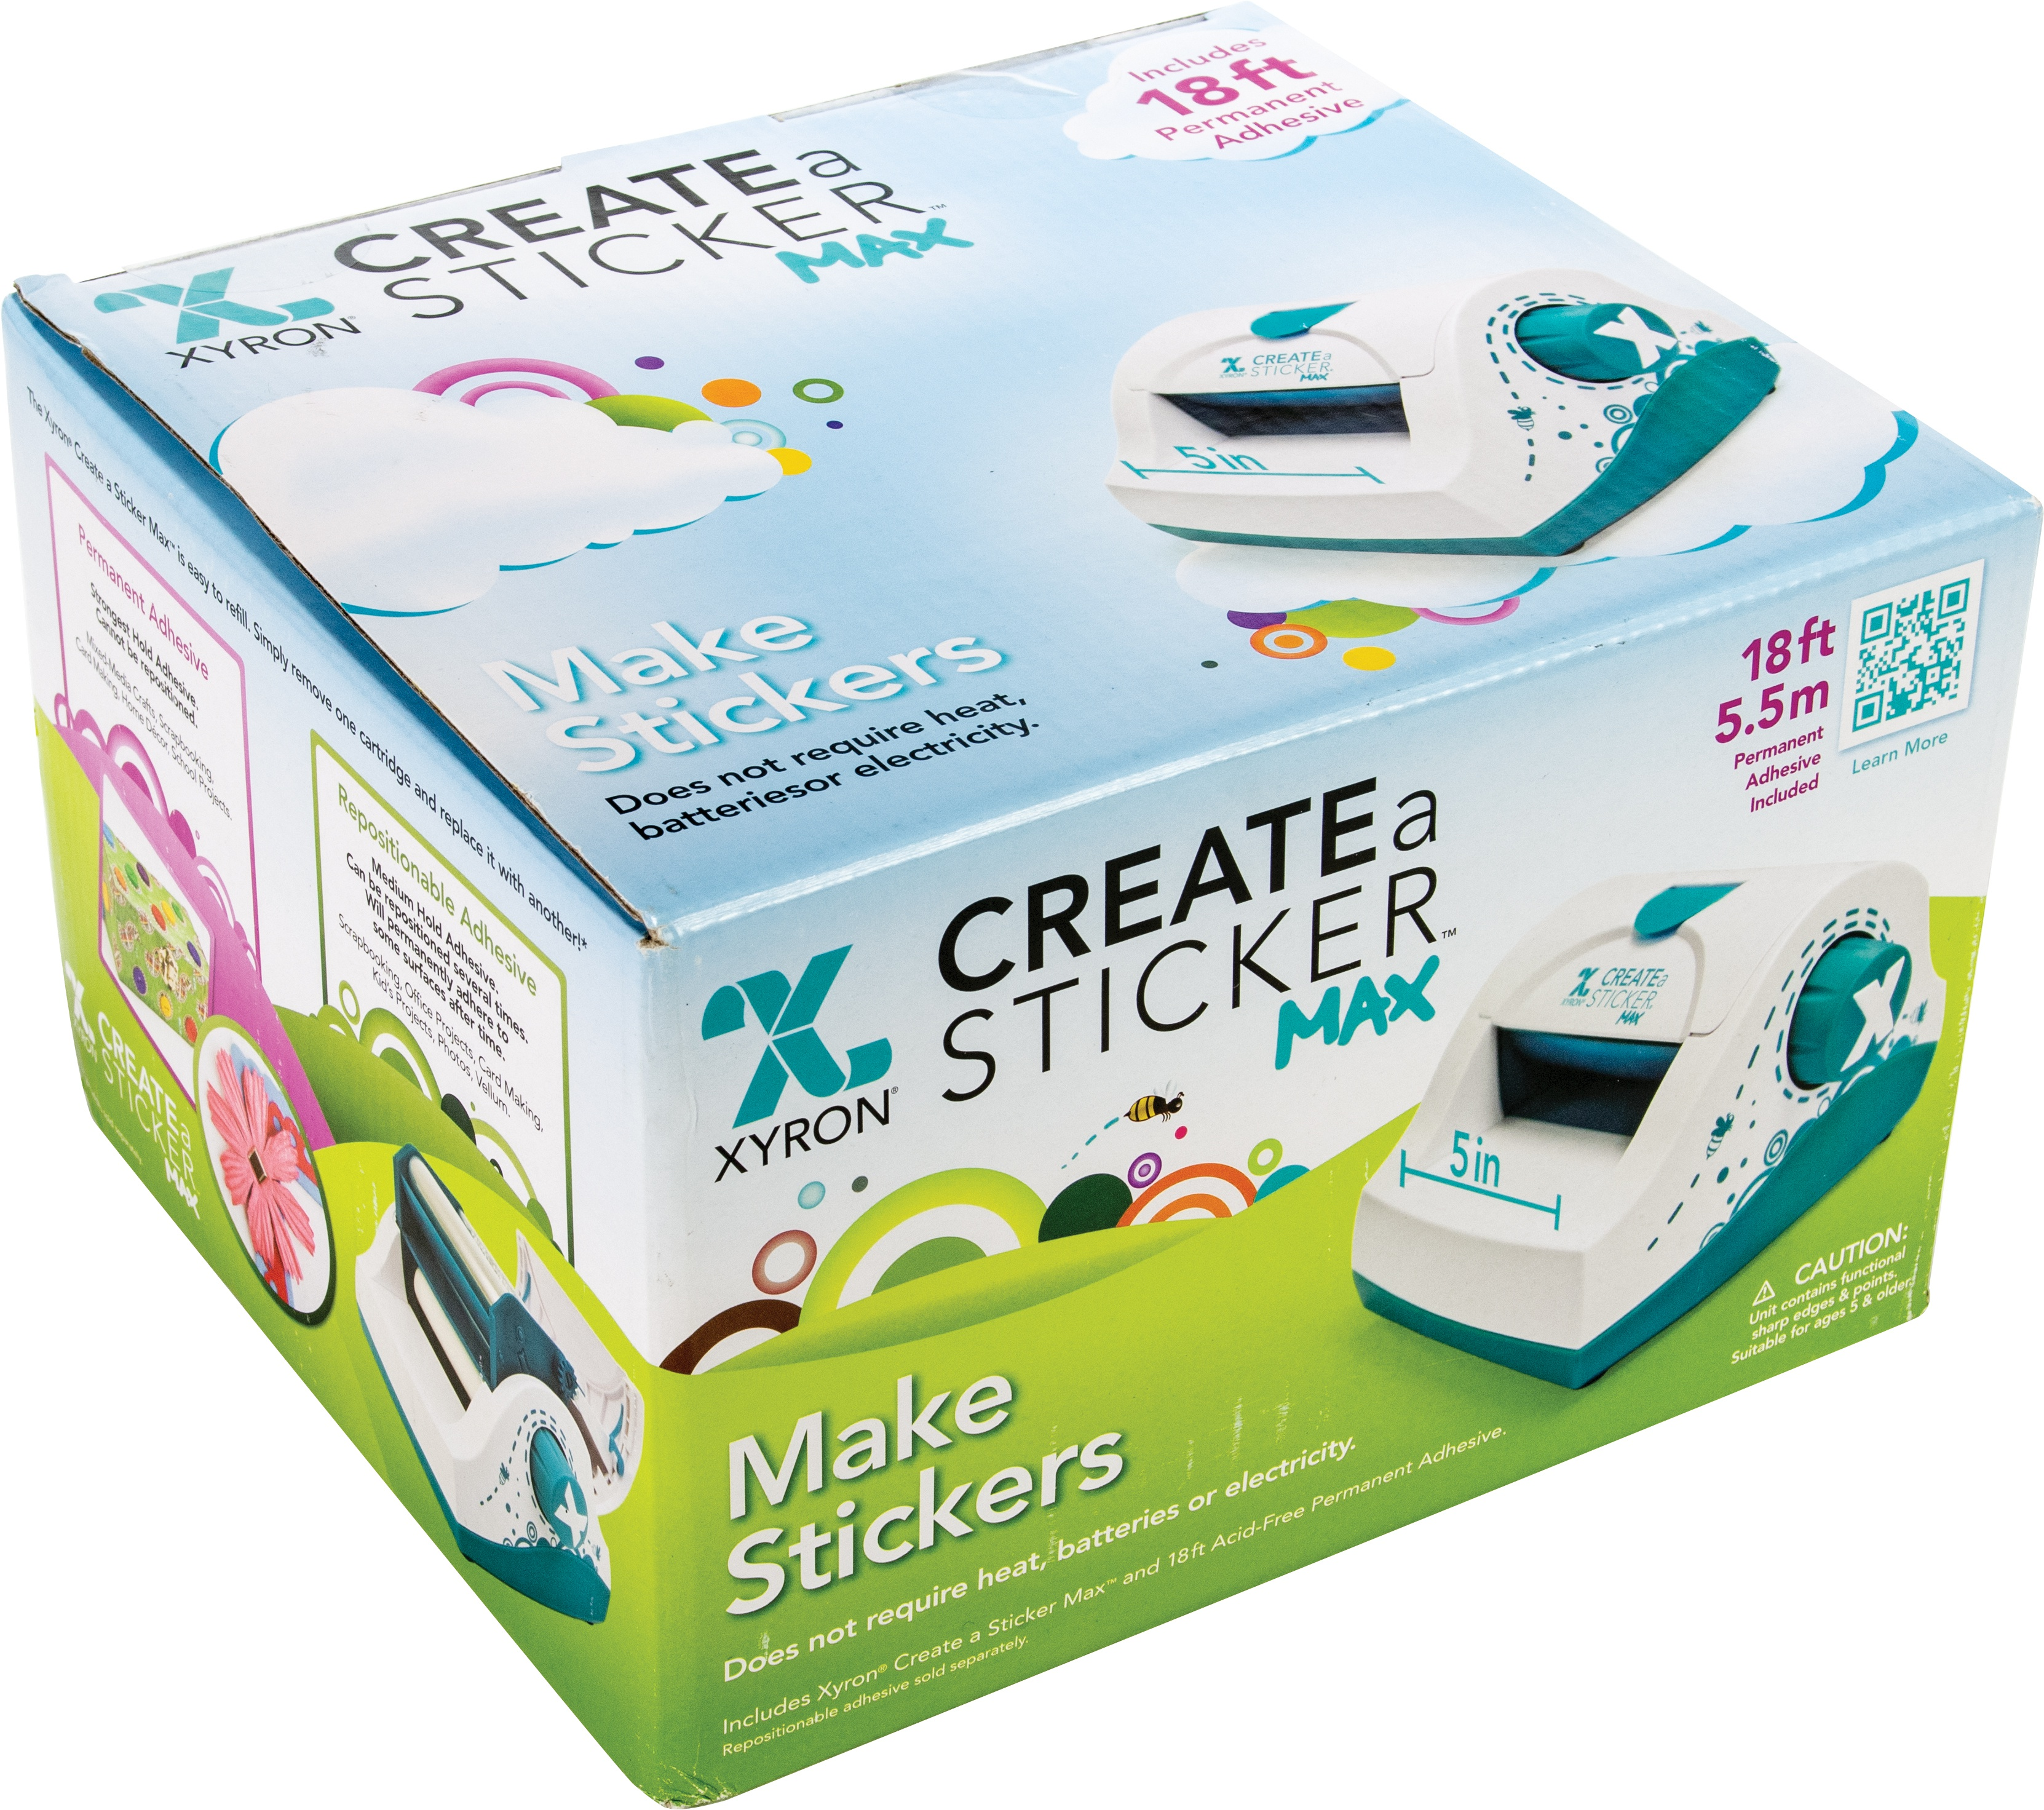 CREATE-A-STICKER 5